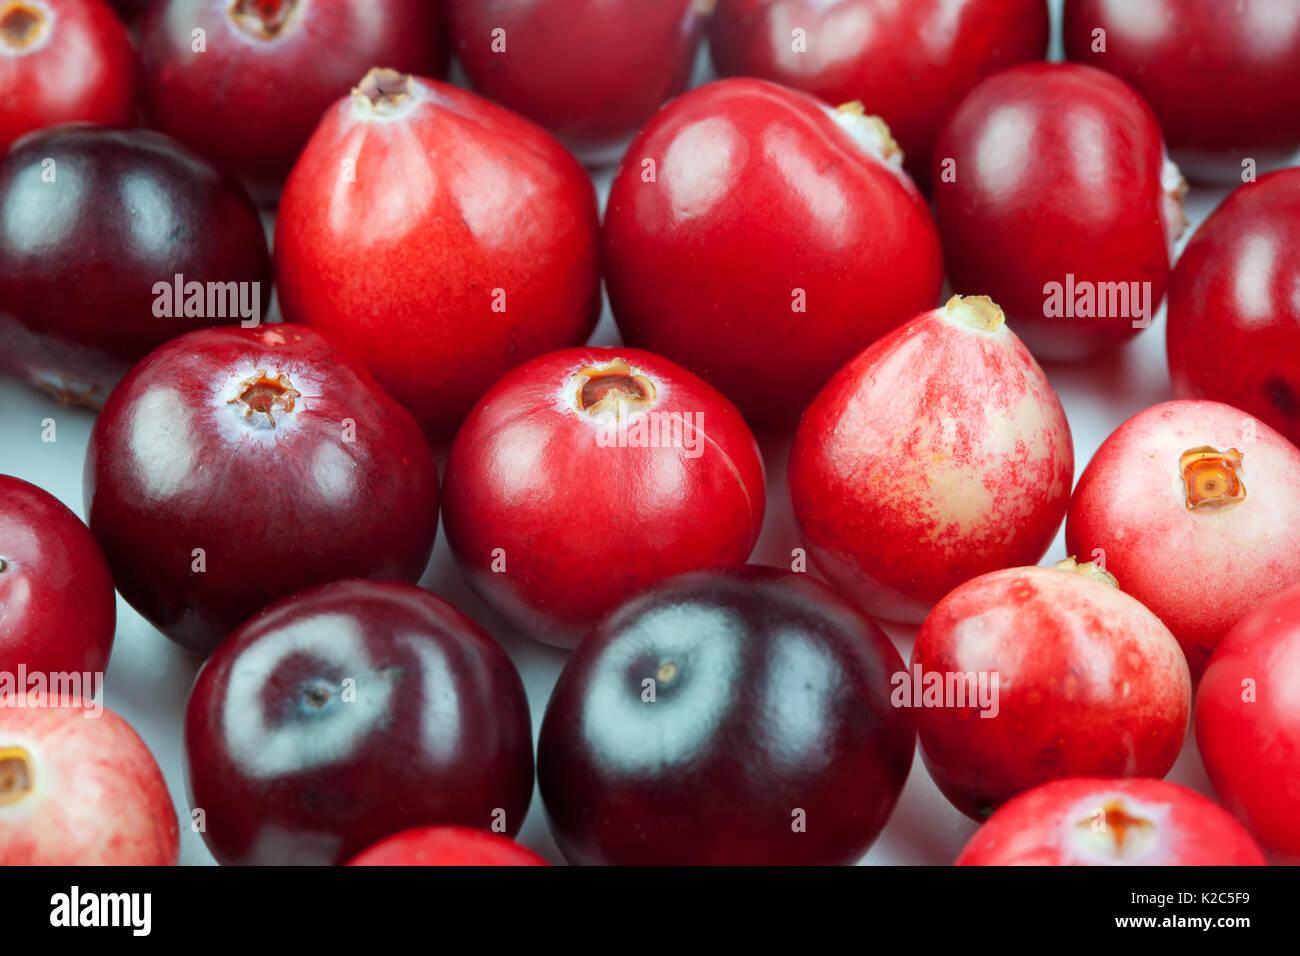 La variation de forme couleur canneberge sauvage. Les baies mûres rouge. vue macro copie espace. studio photo Photo Stock